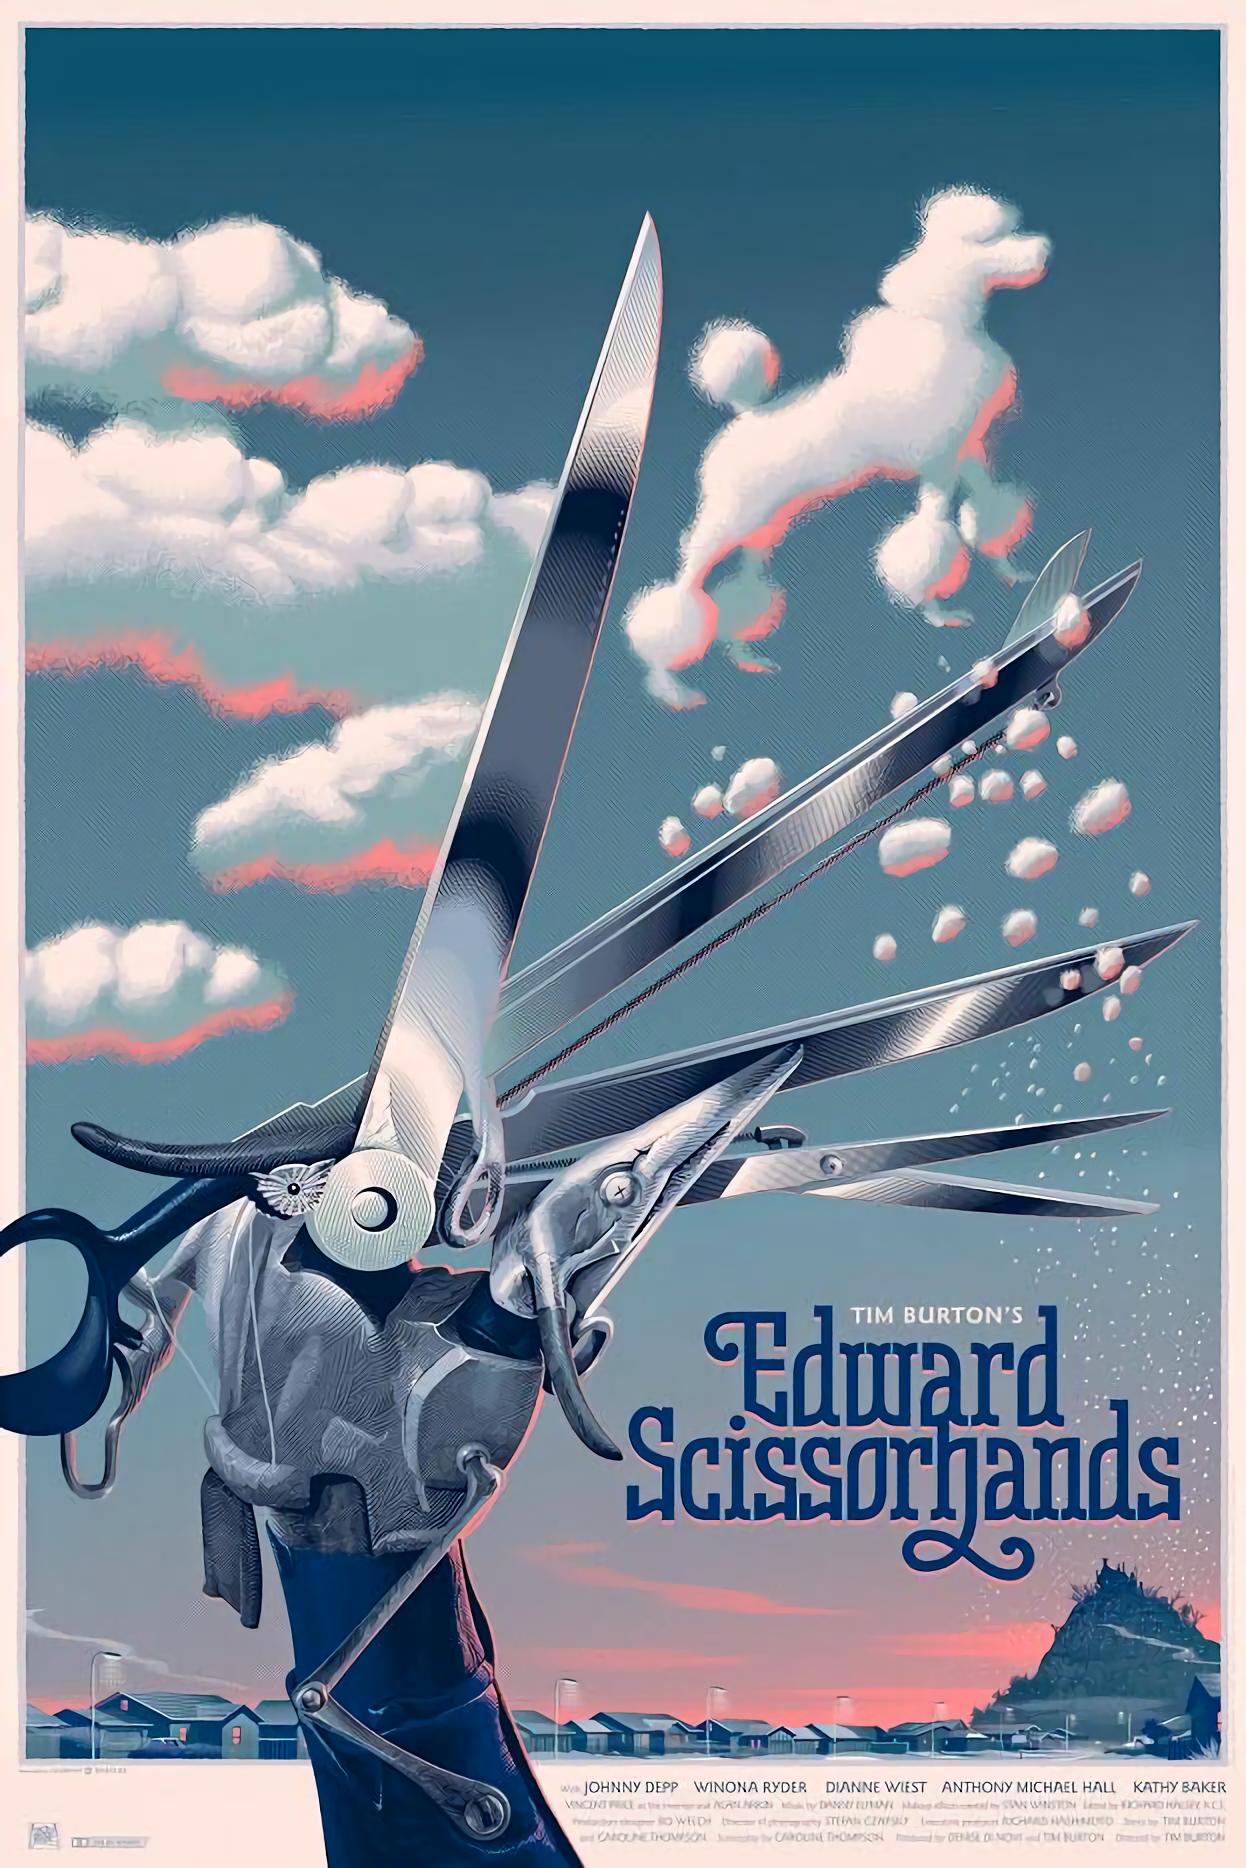 Edward Scissorhands 1990 Hd Wallpaper From Gallsource Com